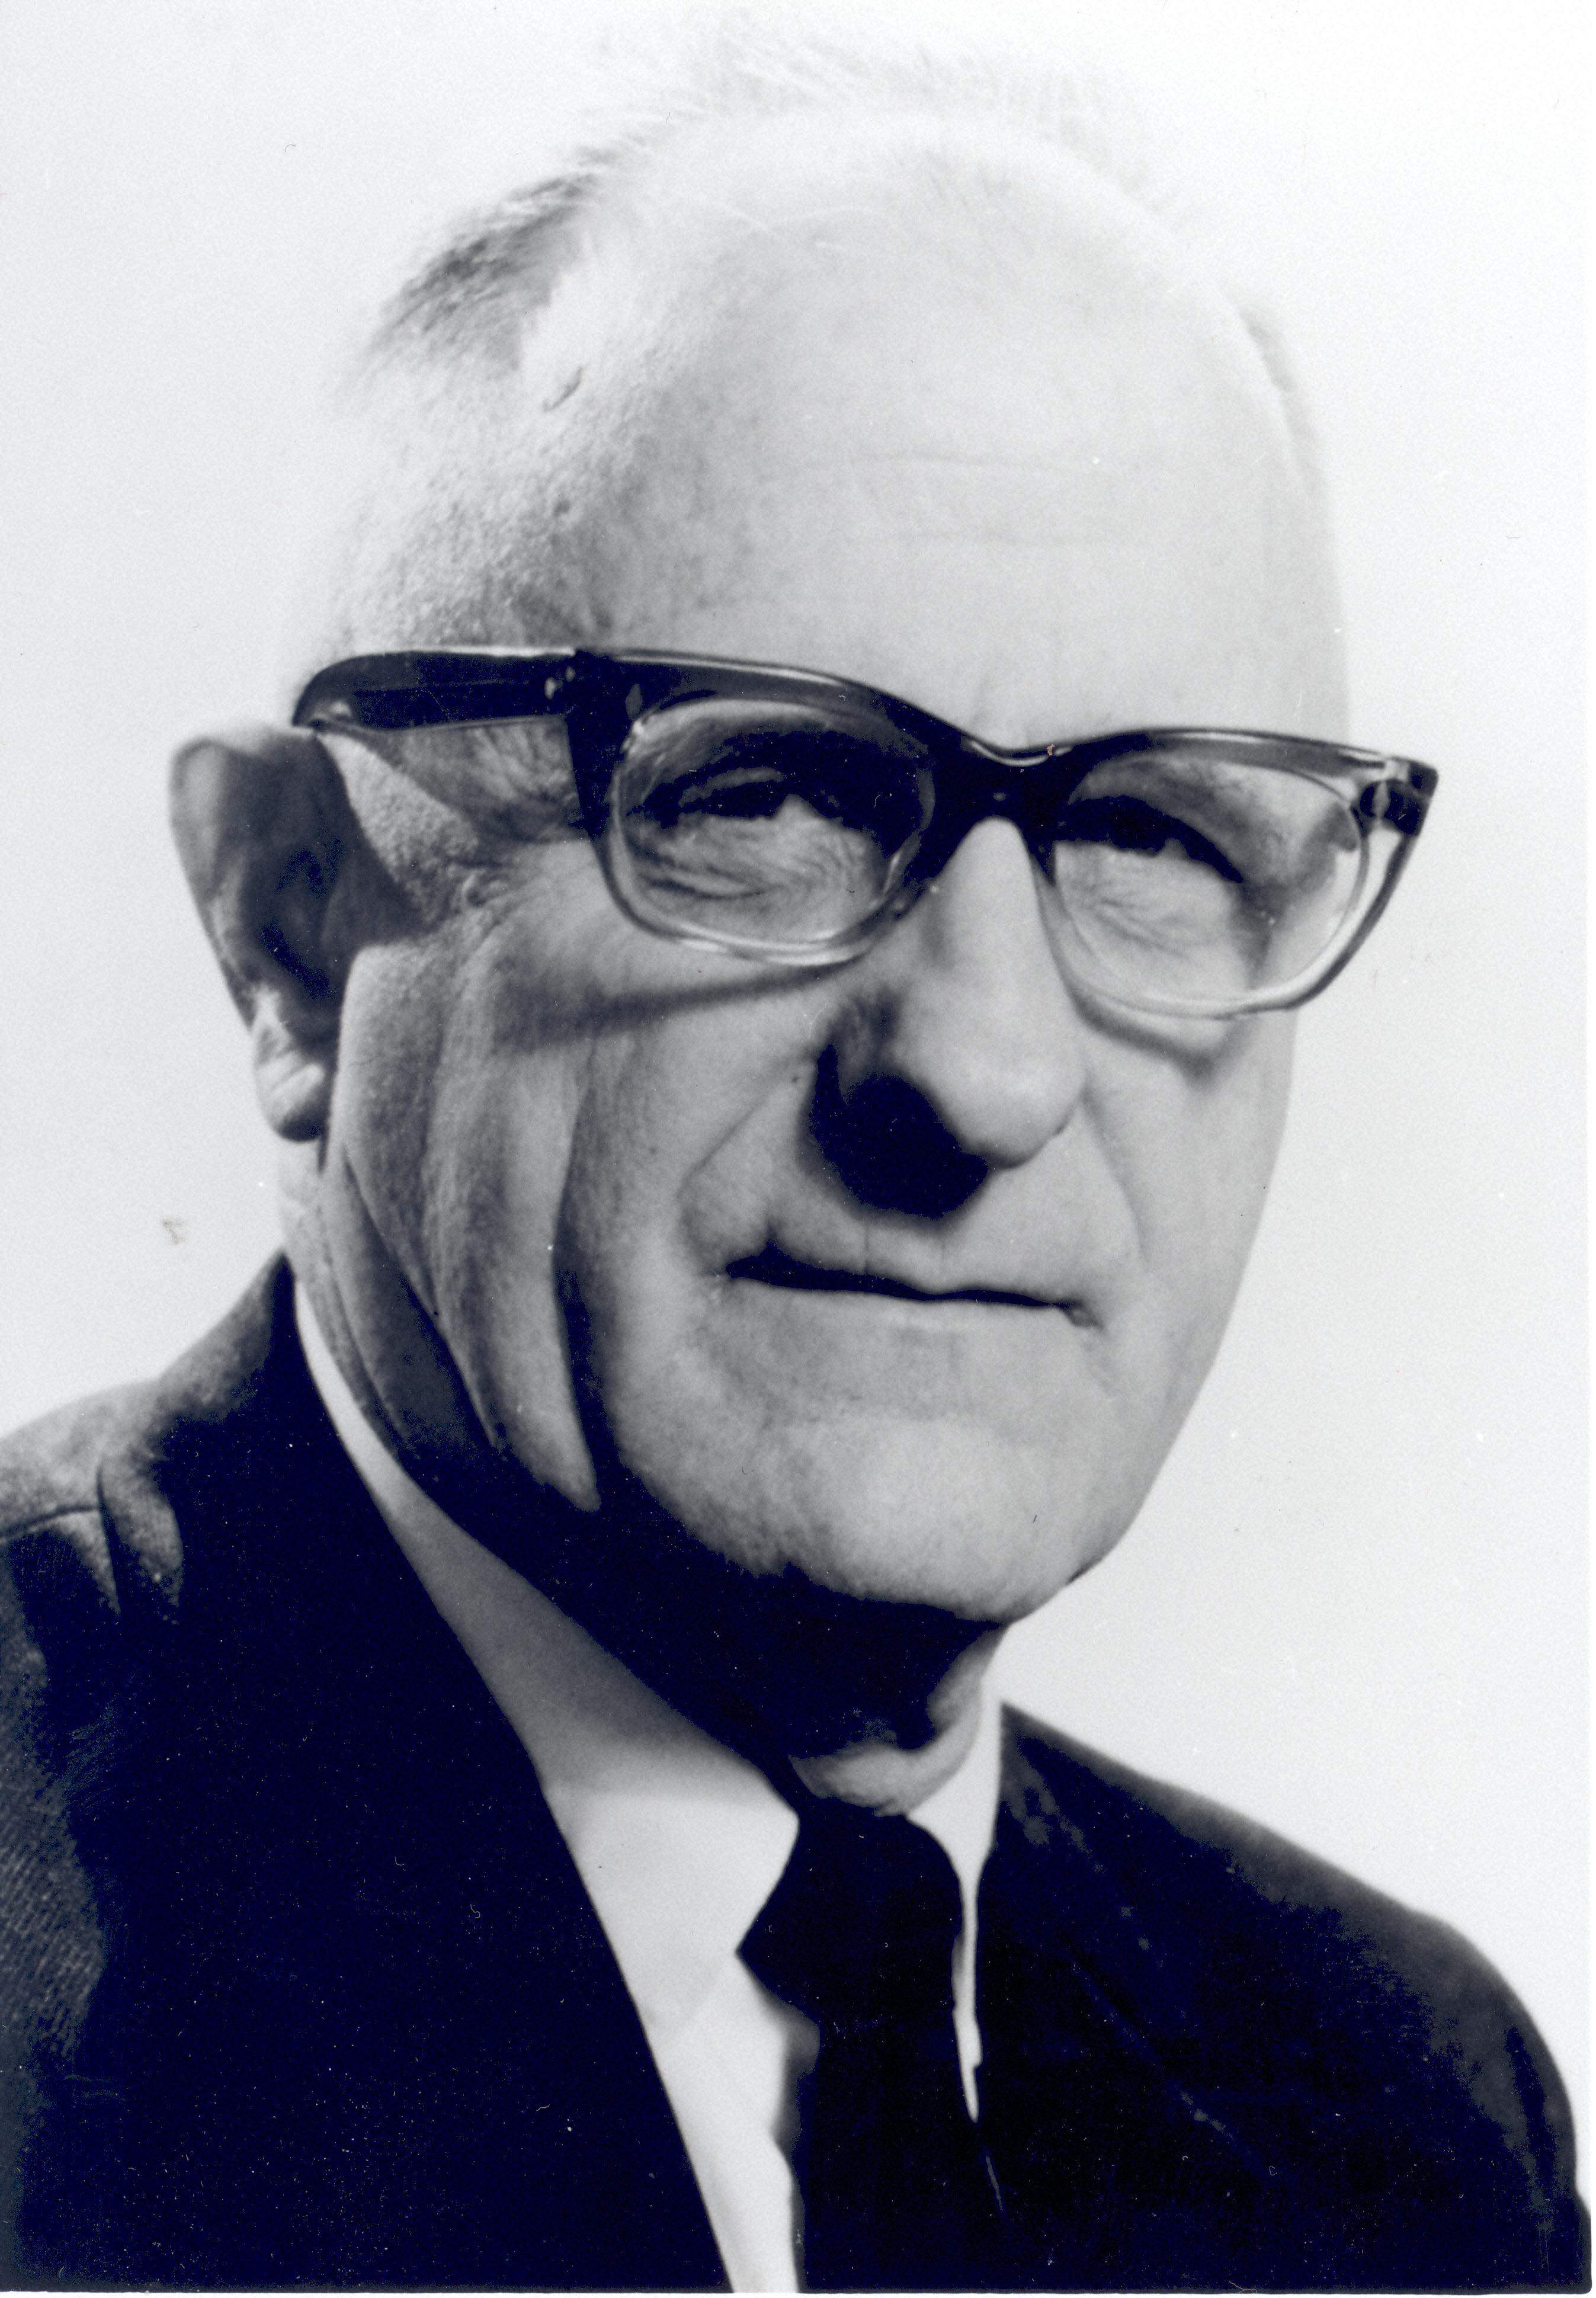 William Dosite Postell